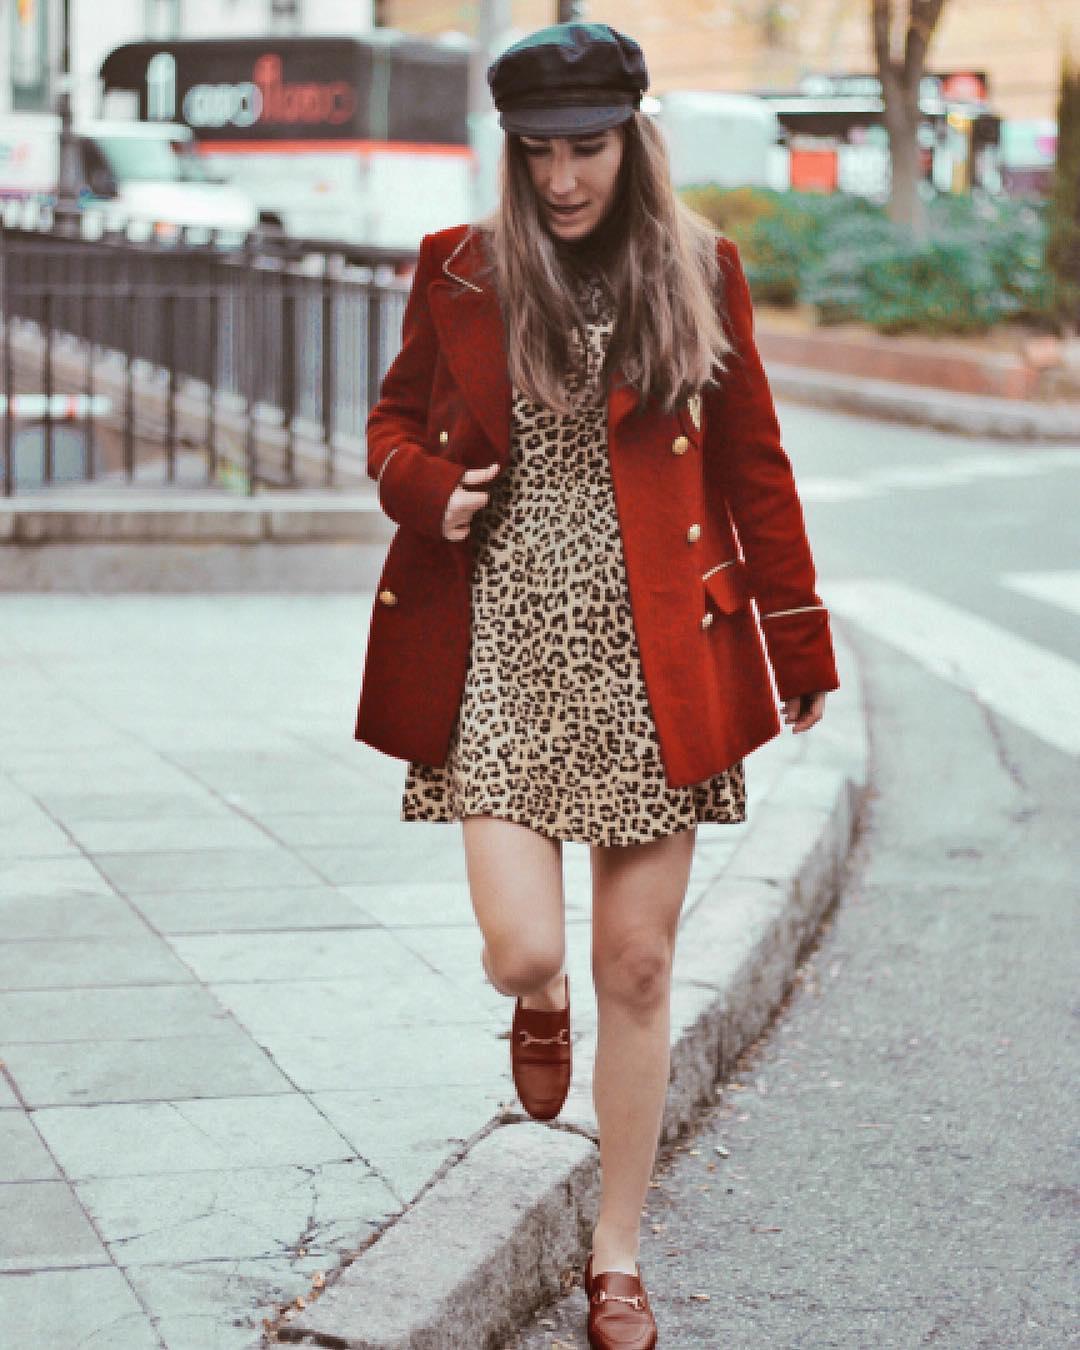 Fantastic Leopard Midi With Red Coat & Flats